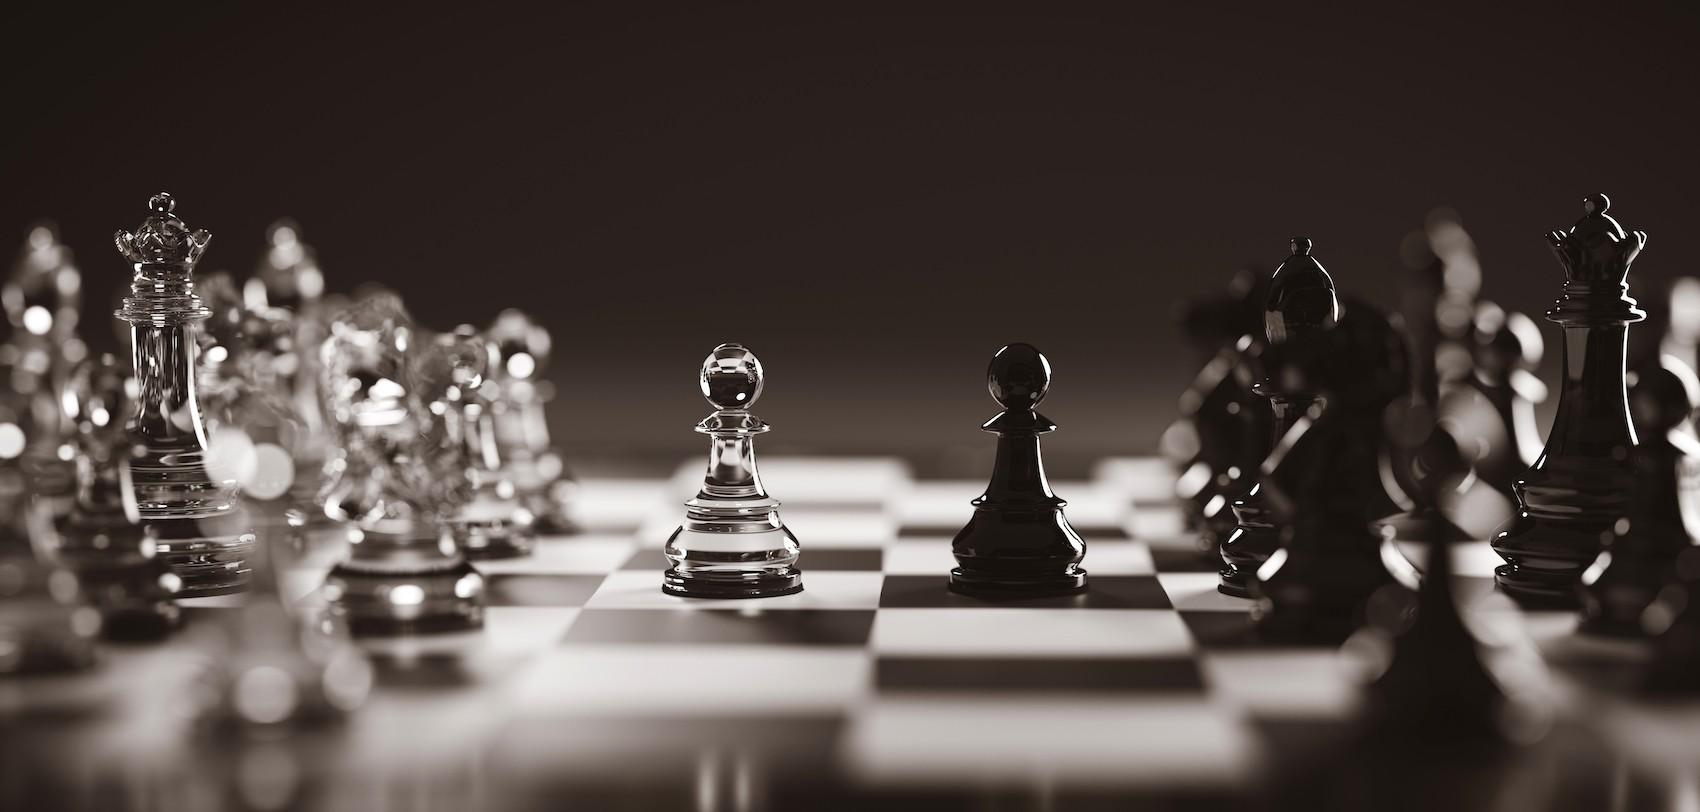 TechNative | The Queen's Gambit of IoT